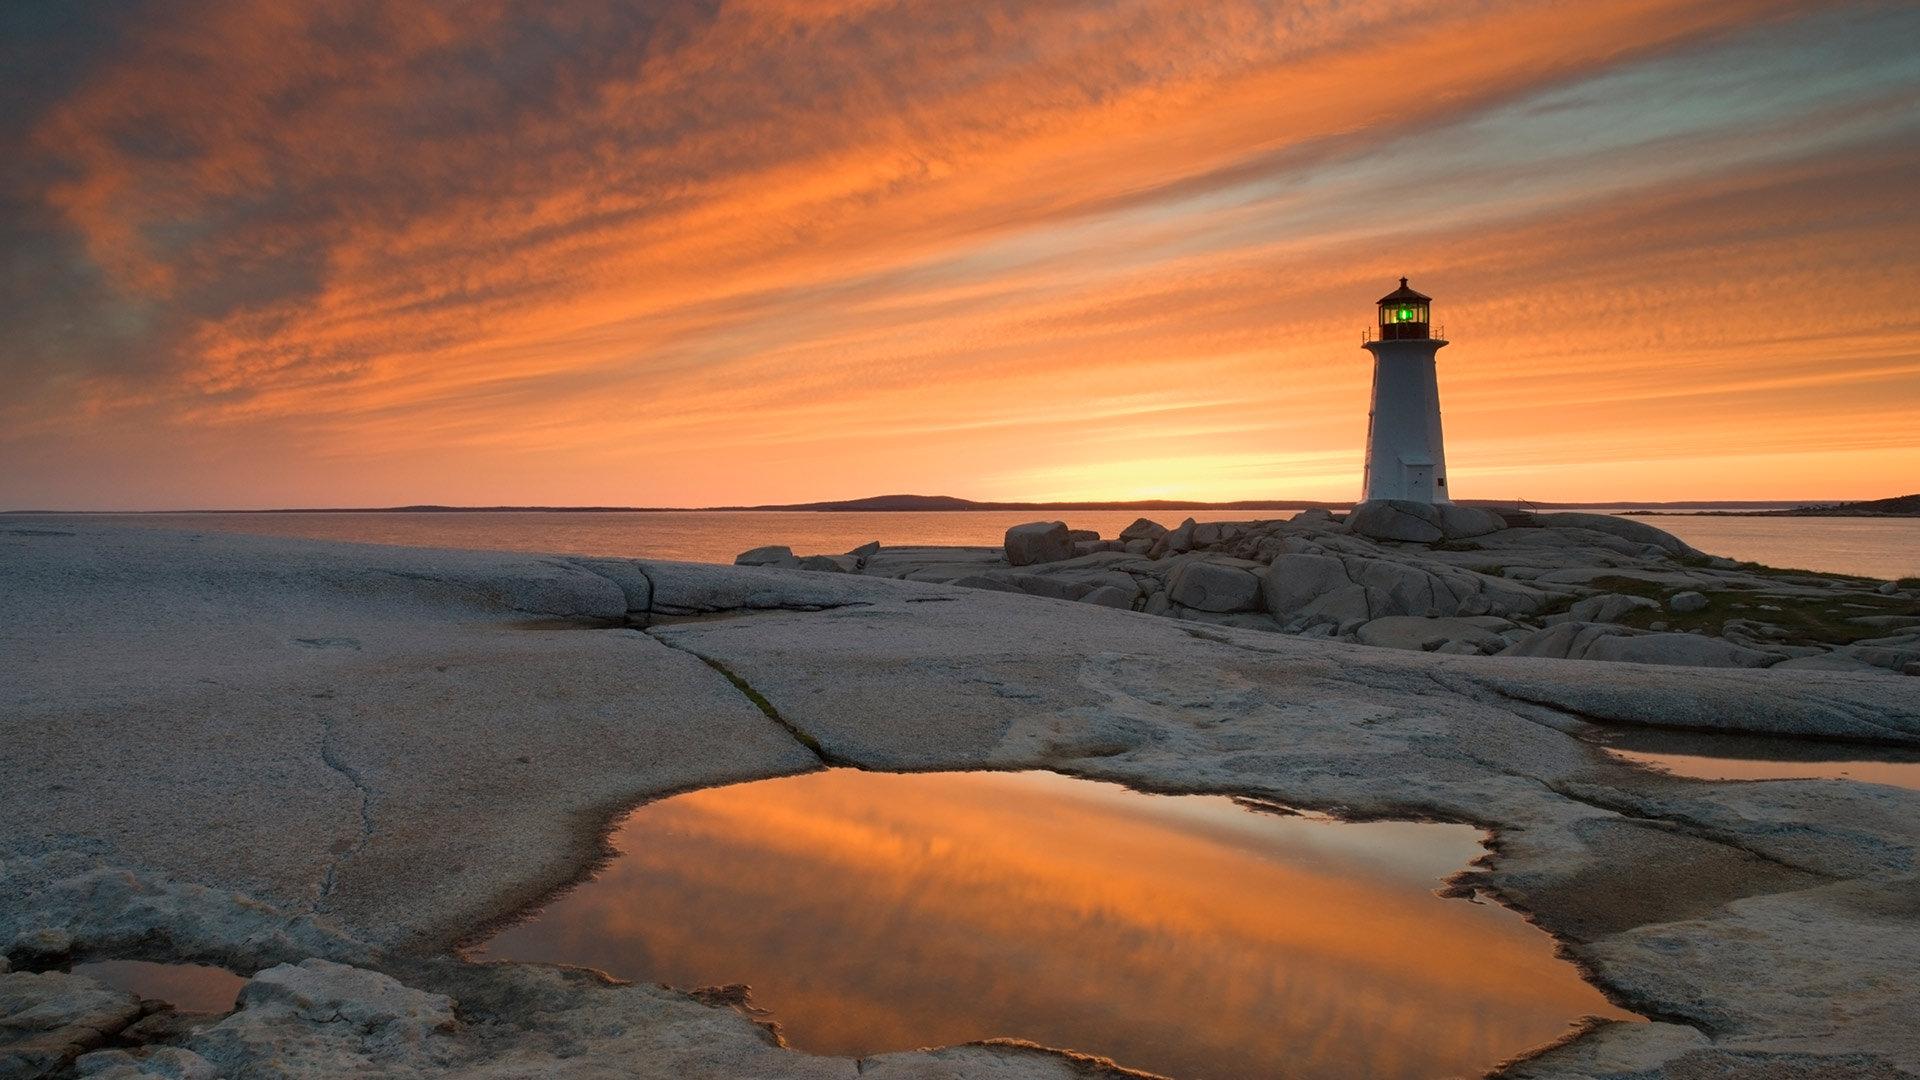 黄昏时佩吉海湾的灯塔